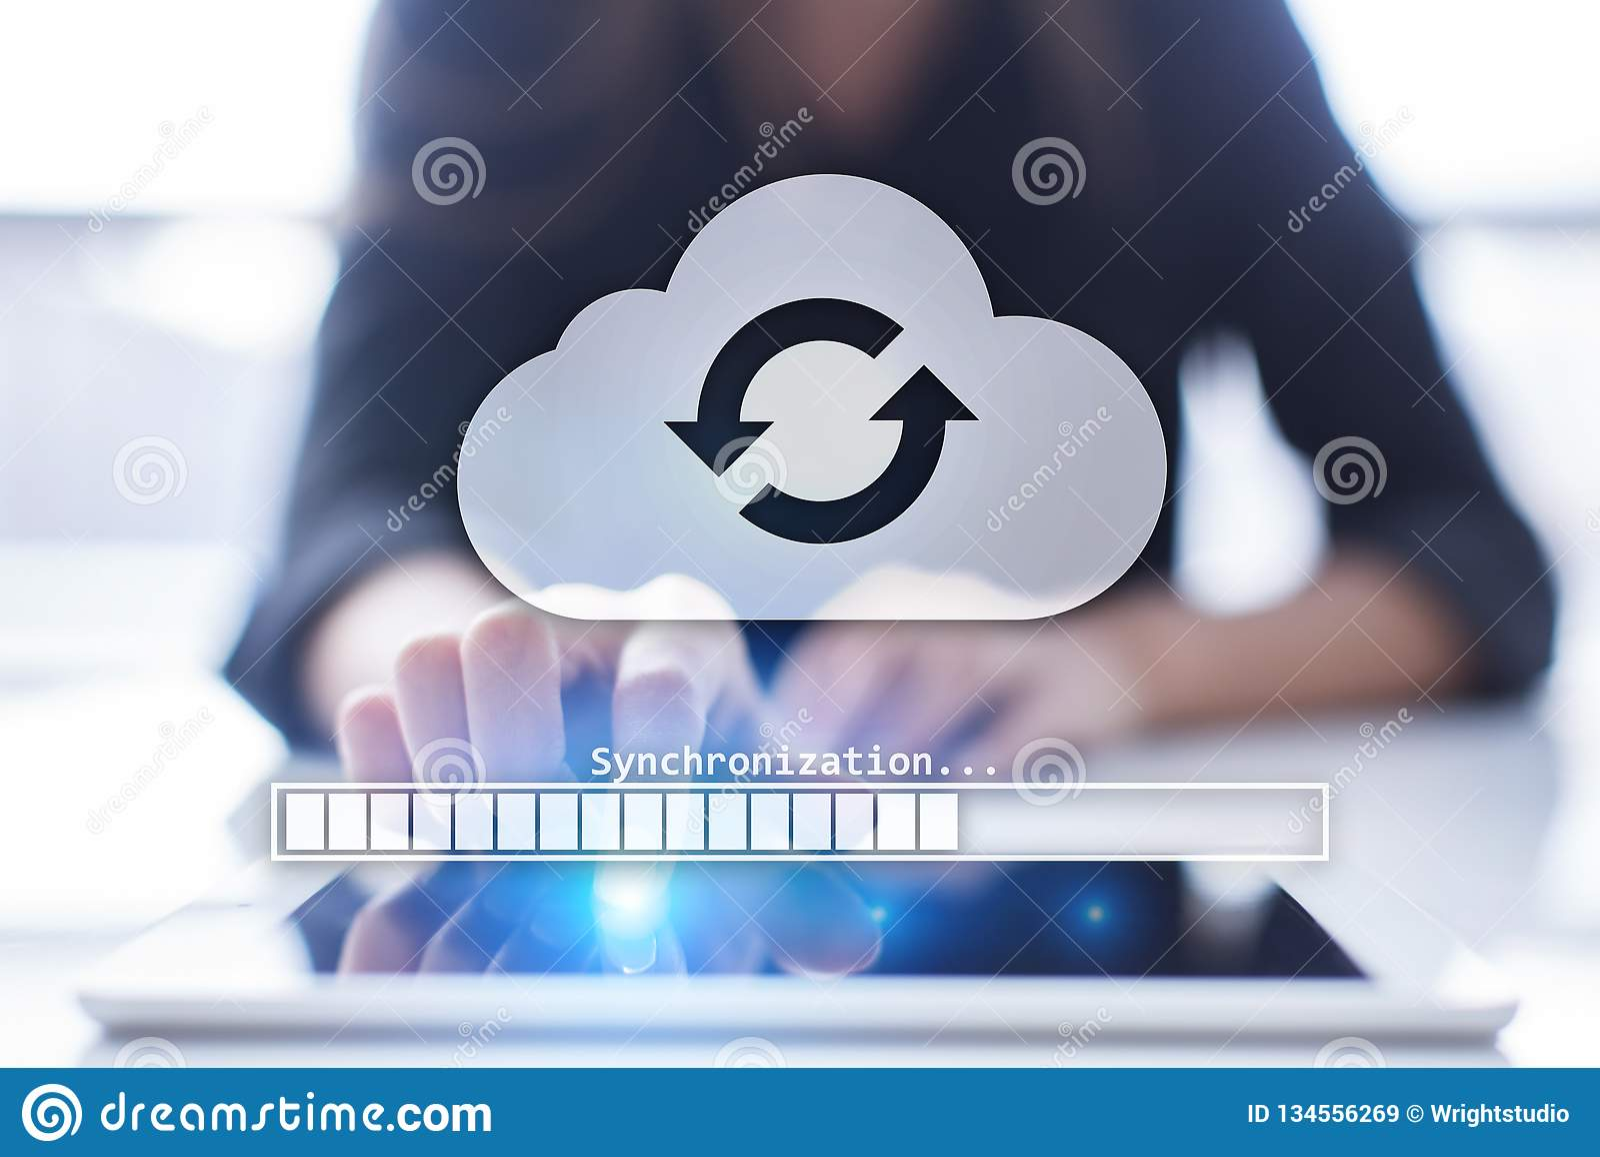 Συγχρονισμός σύννεφων, αποθήκευση στοιχείων, Διαδίκτυο και έννοια υπολογισμού στην εικονική οθόνη